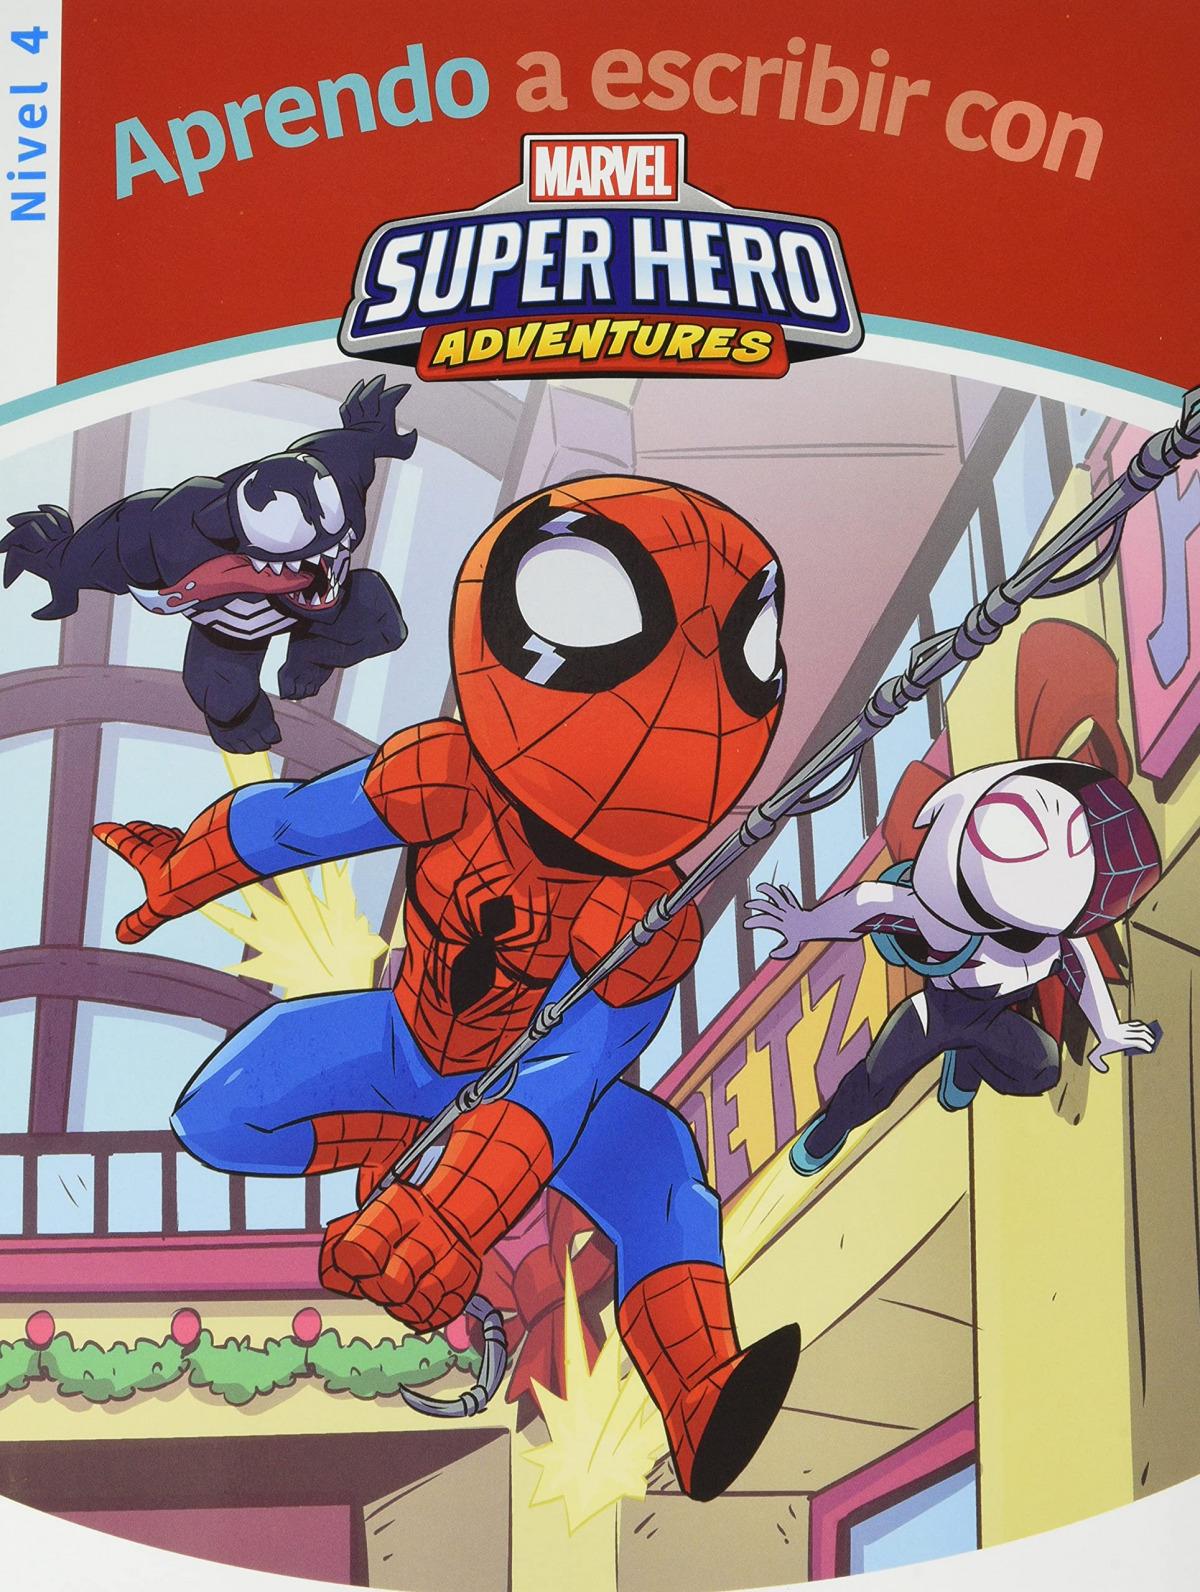 Aprendo a escribir con los superhéroes Marvel - Nivel 4 (Aprendo a escribir con Marvel)